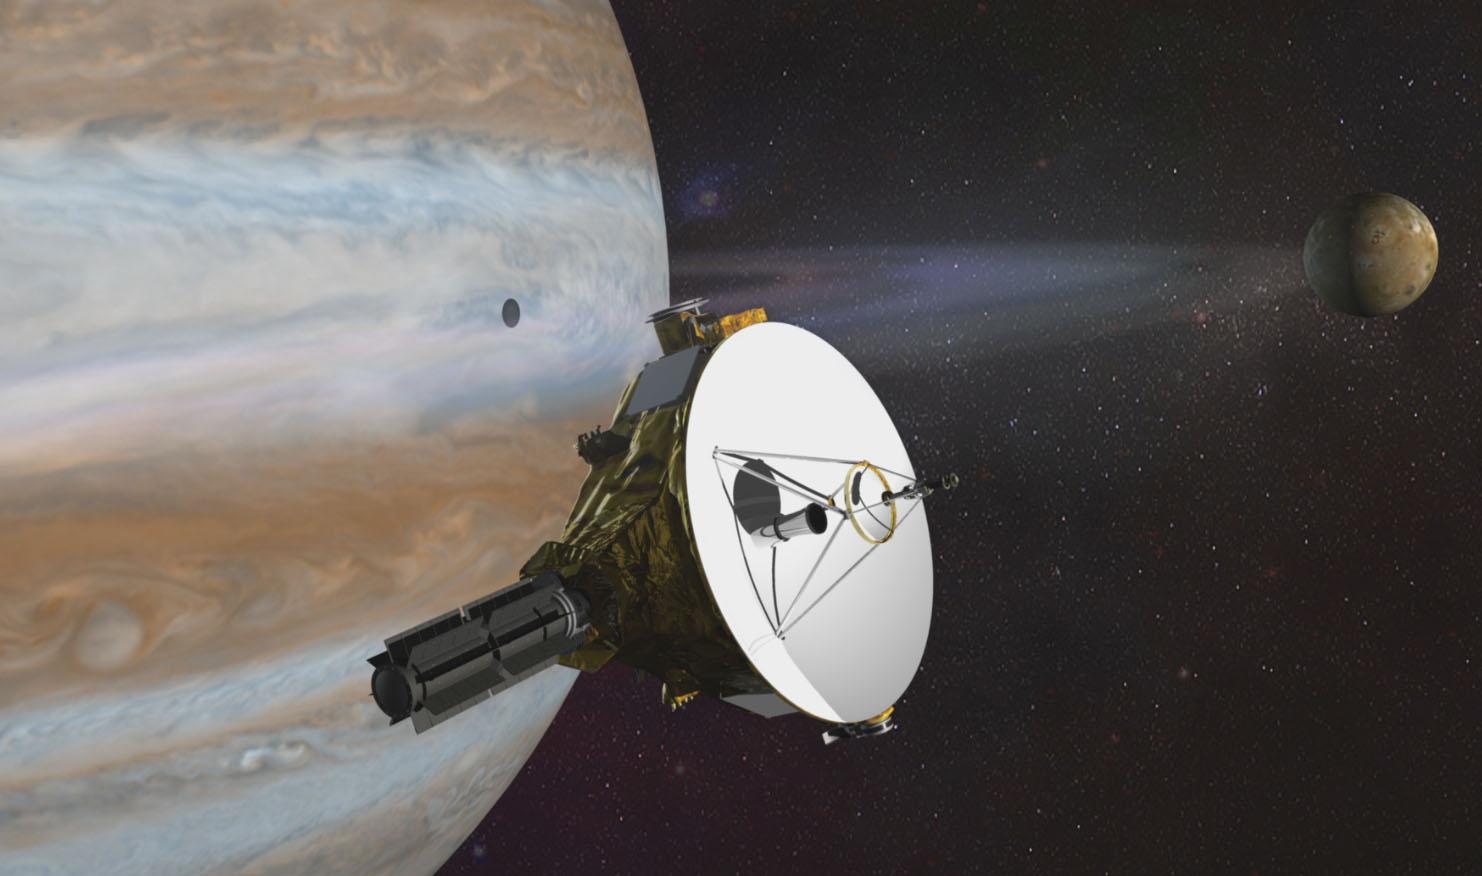 تصور فني لمرور المركبة الفضائية بنظام المشتري. حقوق الصورة: ناسا